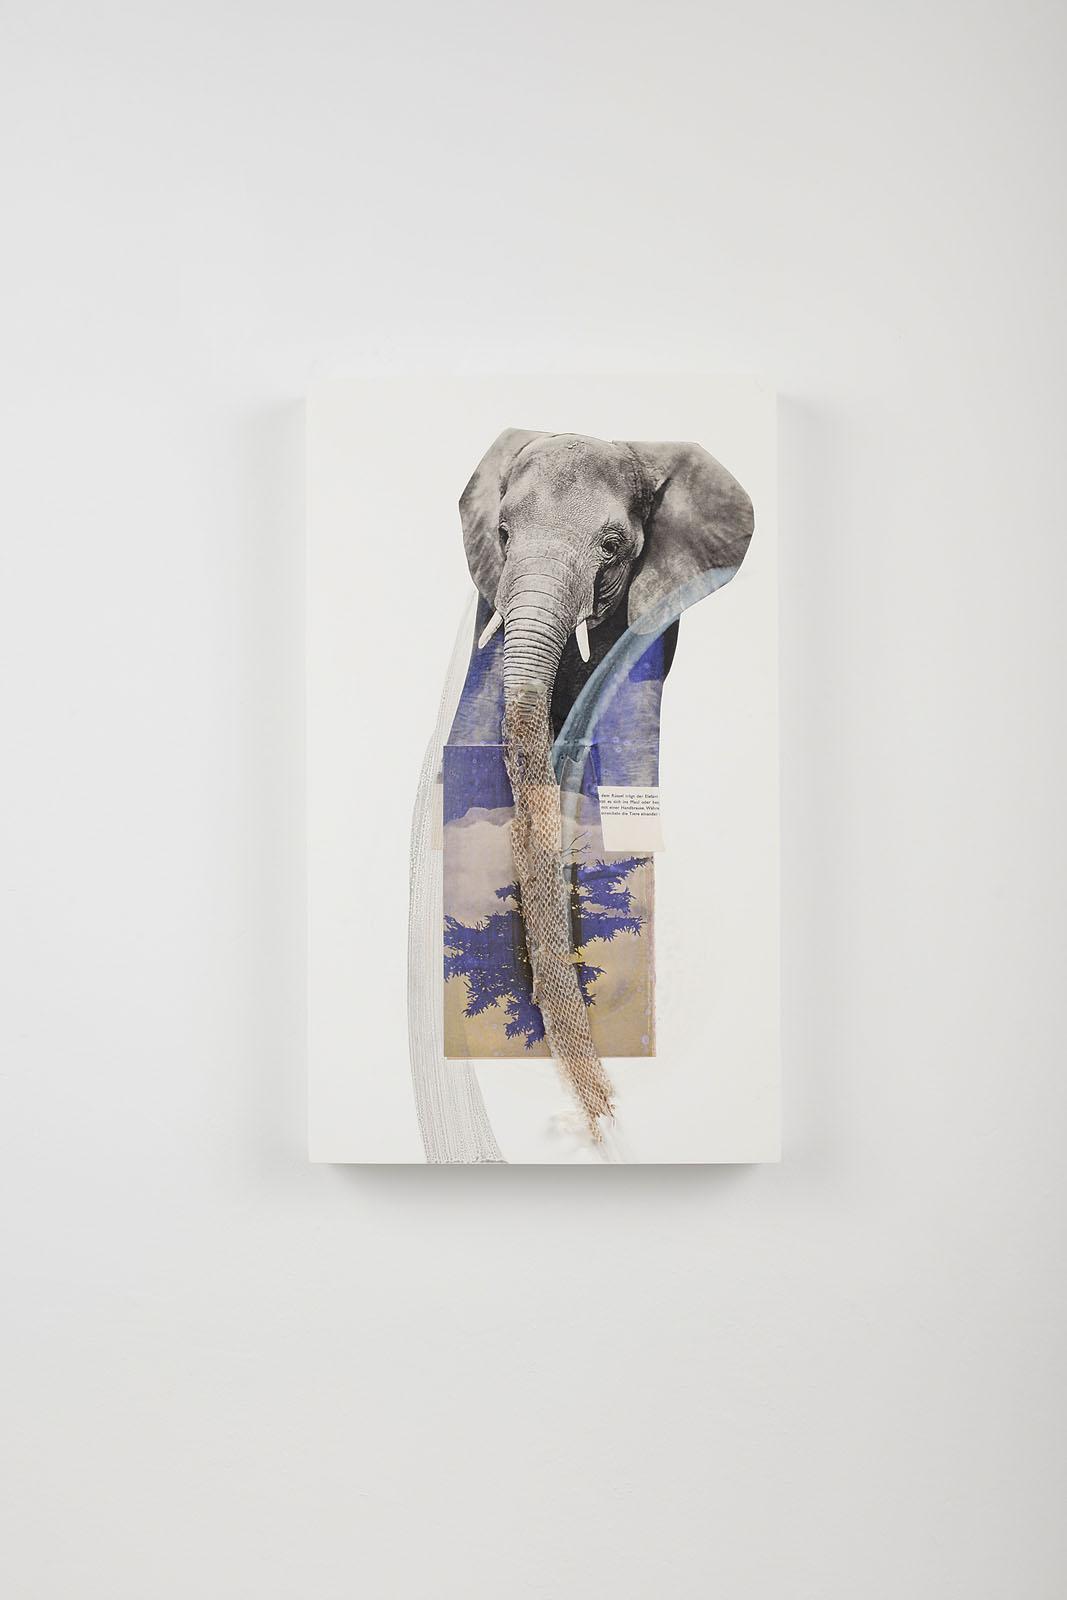 """o.T. aus """"Petrichor"""", 2018, 50 x 30 cm, Mischtechnik, Collage & Schlangenhaut auf Holz"""